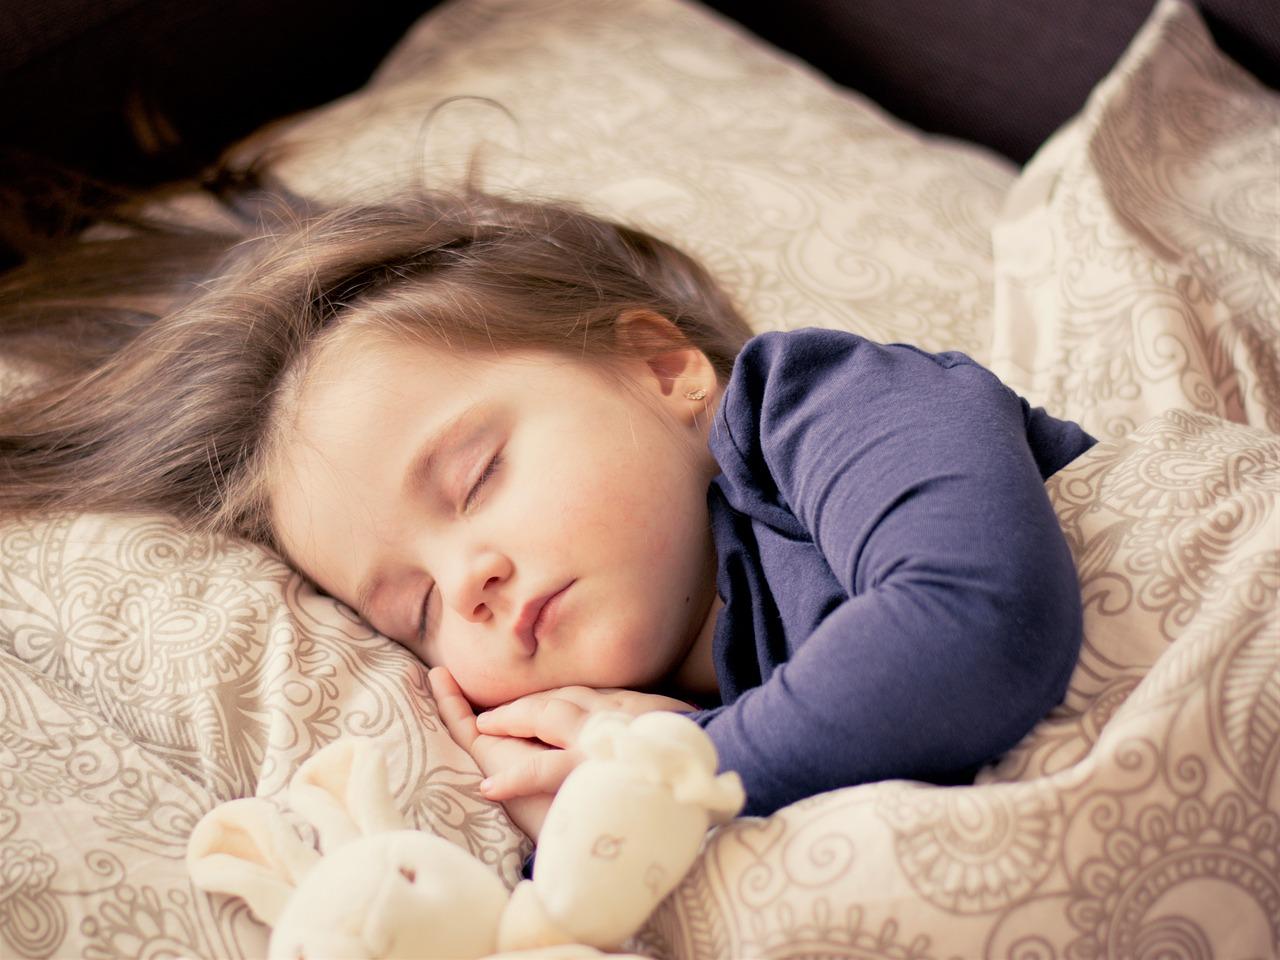 赤ちゃんが寝てるイメージ